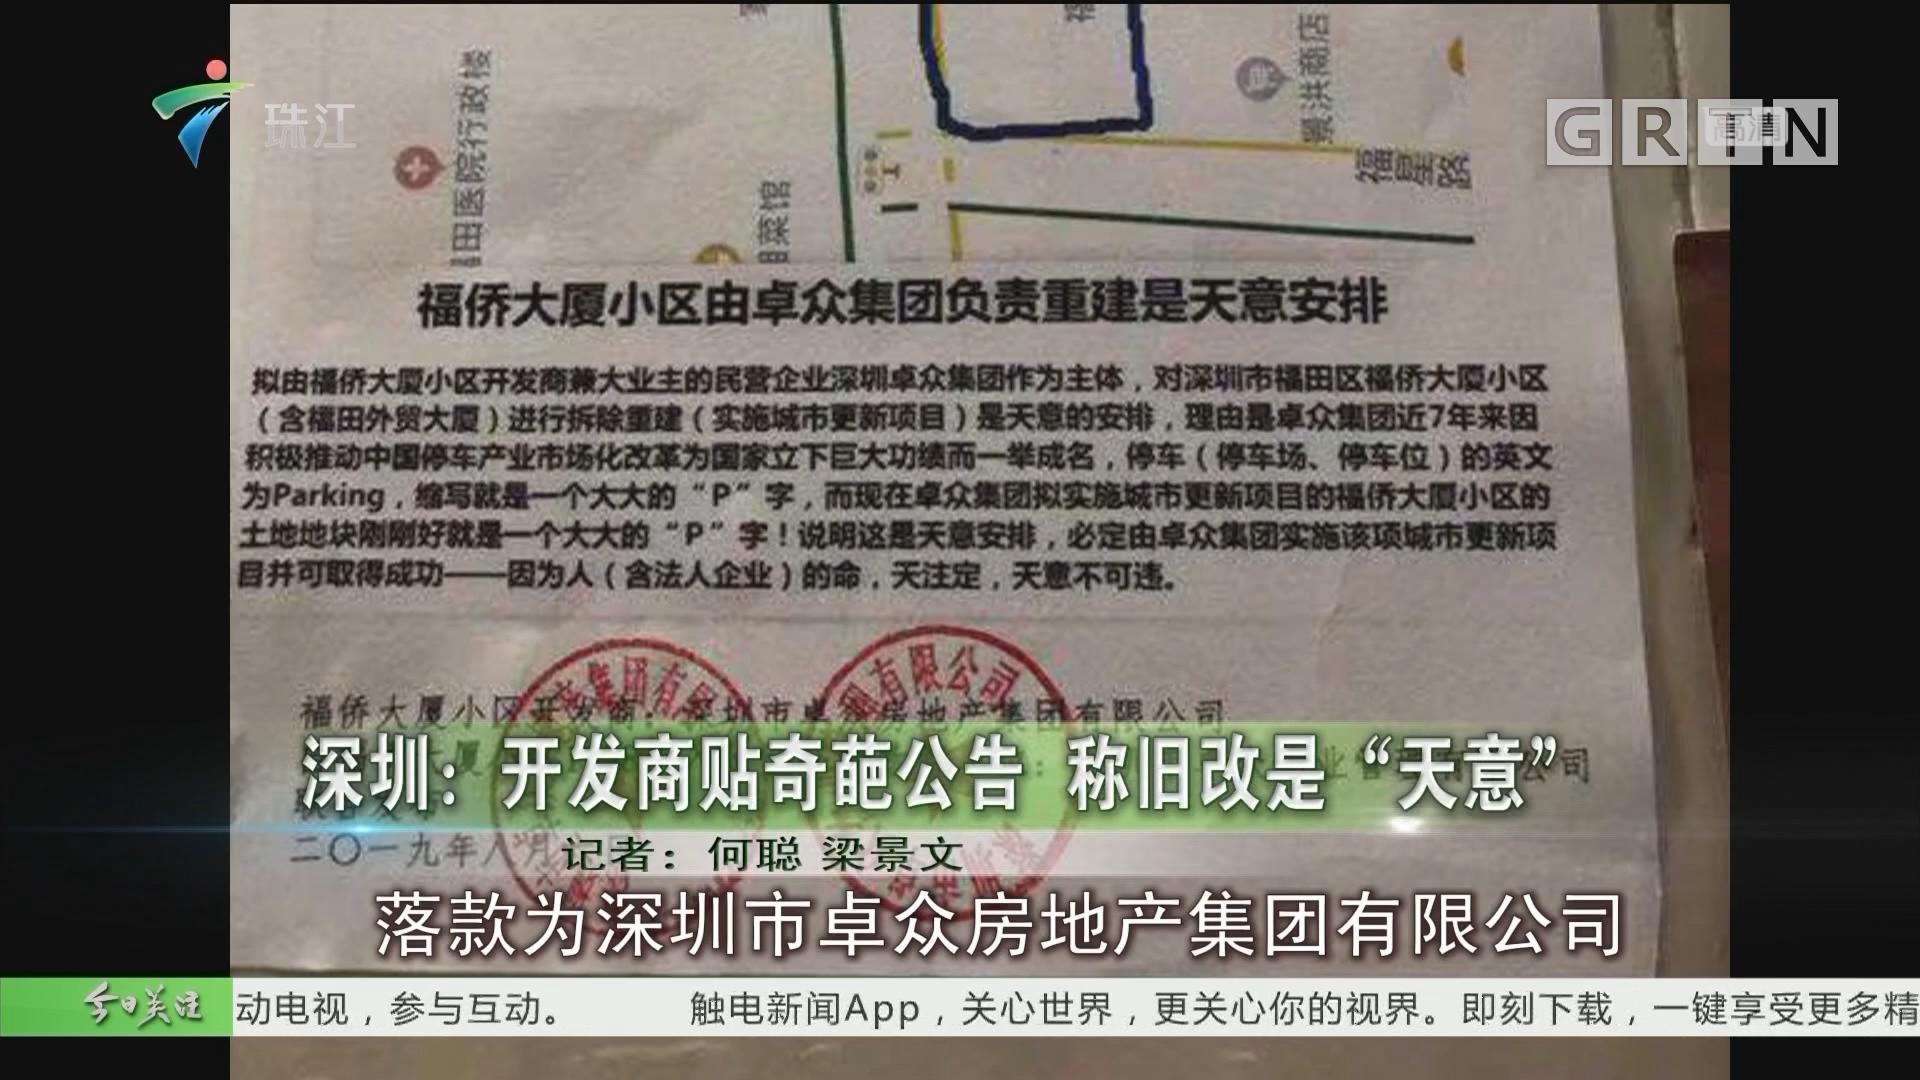 """深圳:开发商贴奇葩公告 称旧改是""""天意"""""""